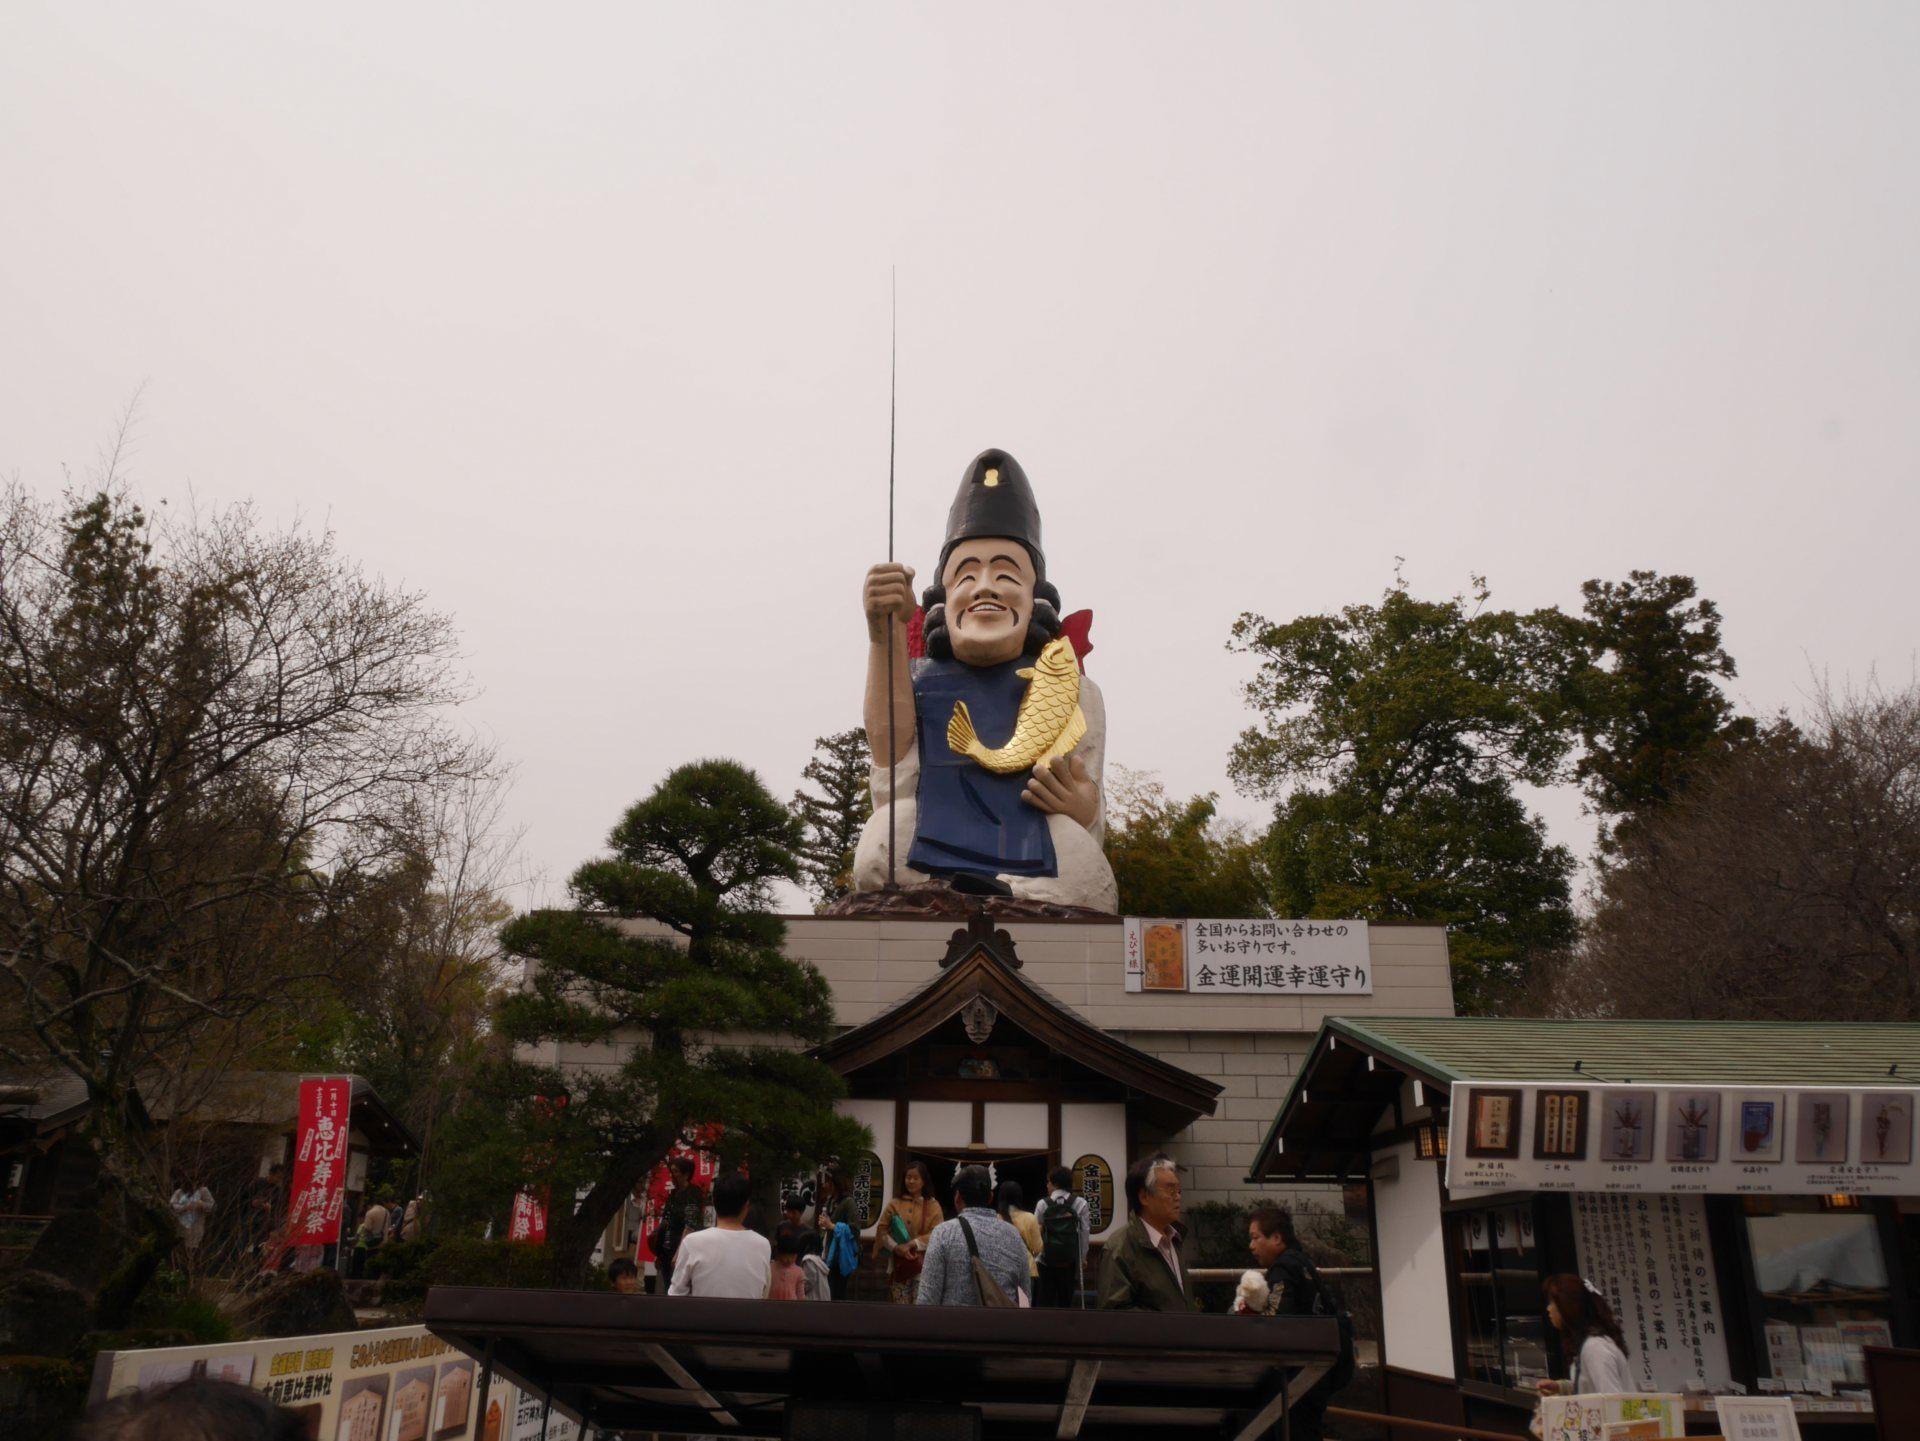 高達20公尺的巨大神像抱著5公尺的金色鯉魚